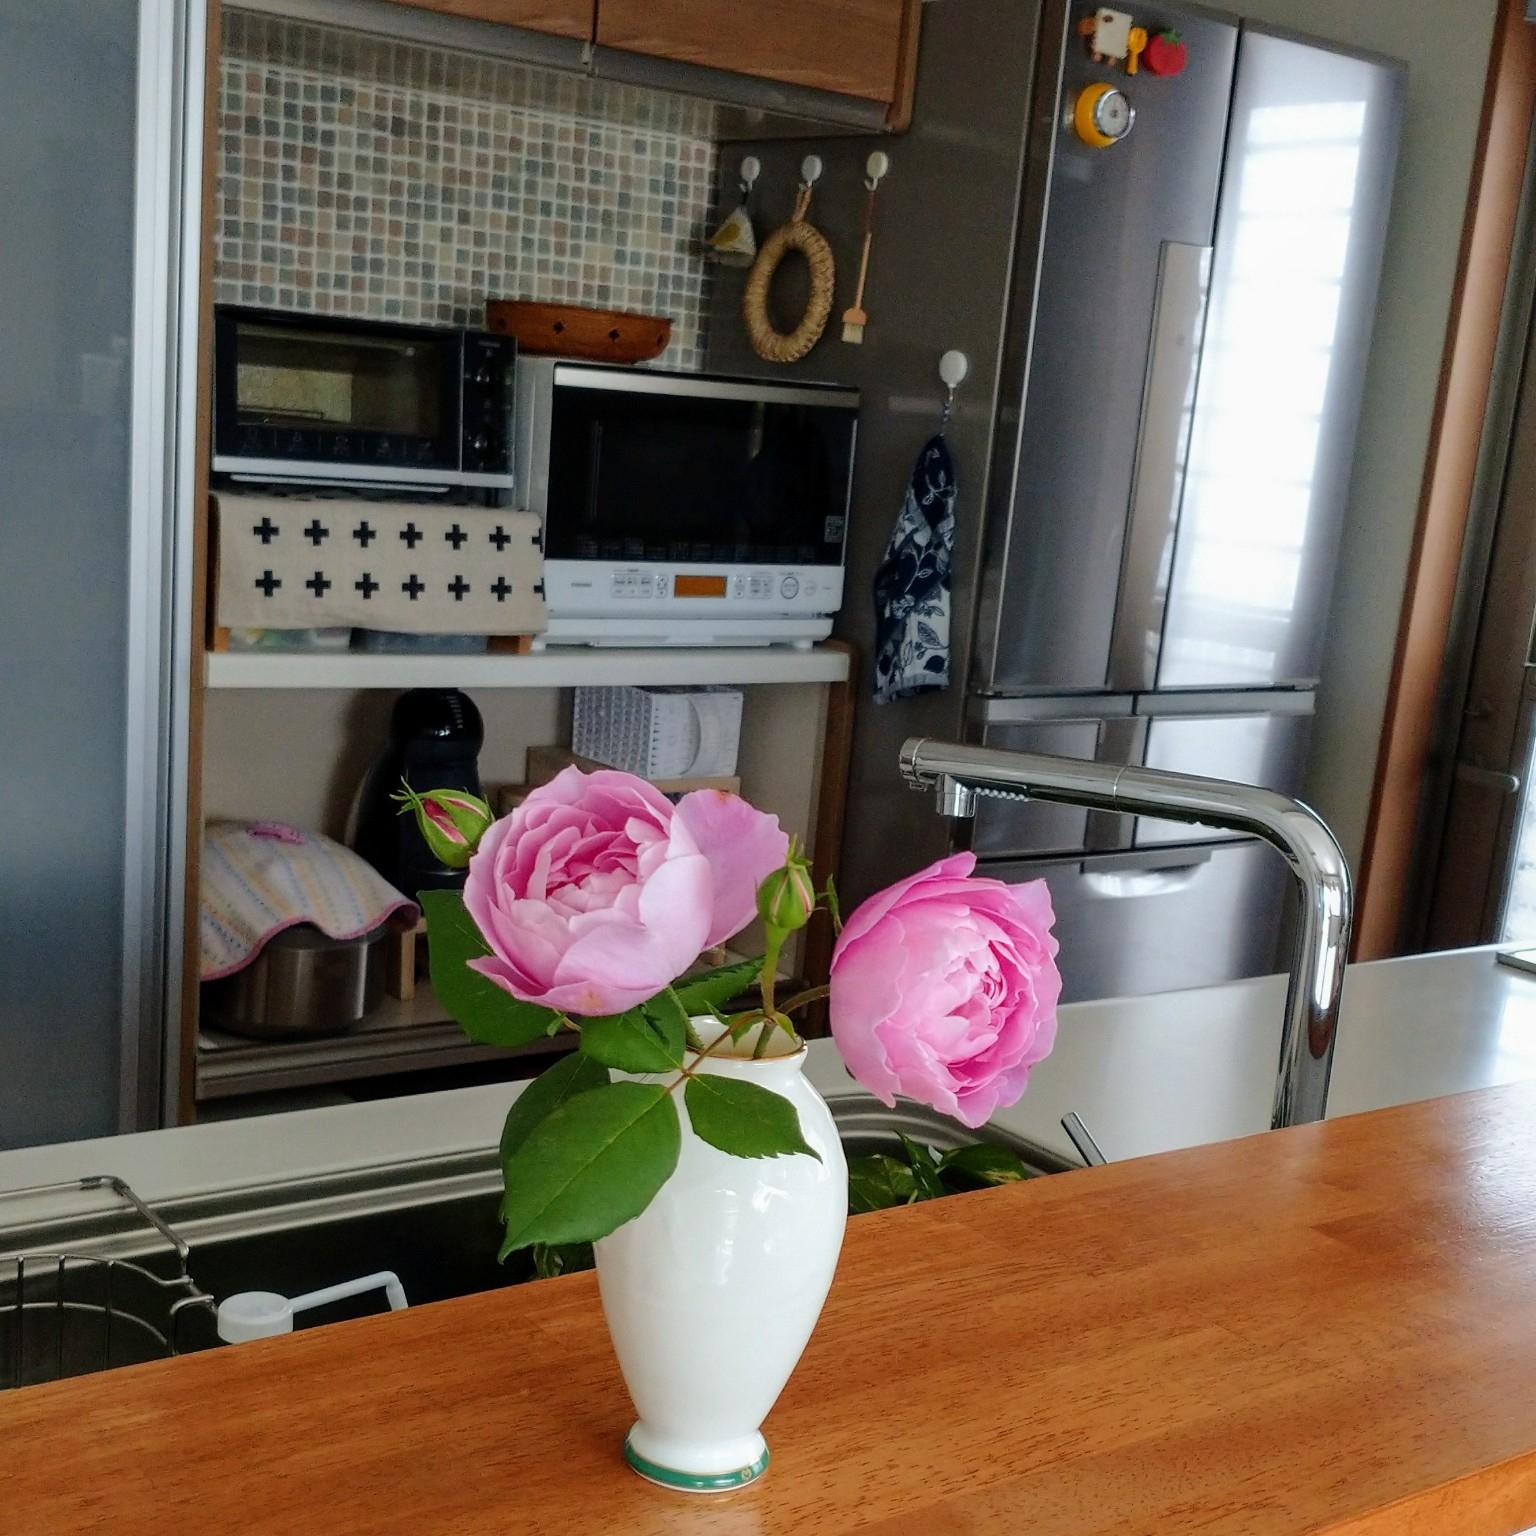 キッチン/おうち花見/いつもいいね!ありがとうございます♪/おじゃま出来ずごめんなさい/グリーンのある暮らし...などのインテリア実例 - 2021-04-22 11:48:05